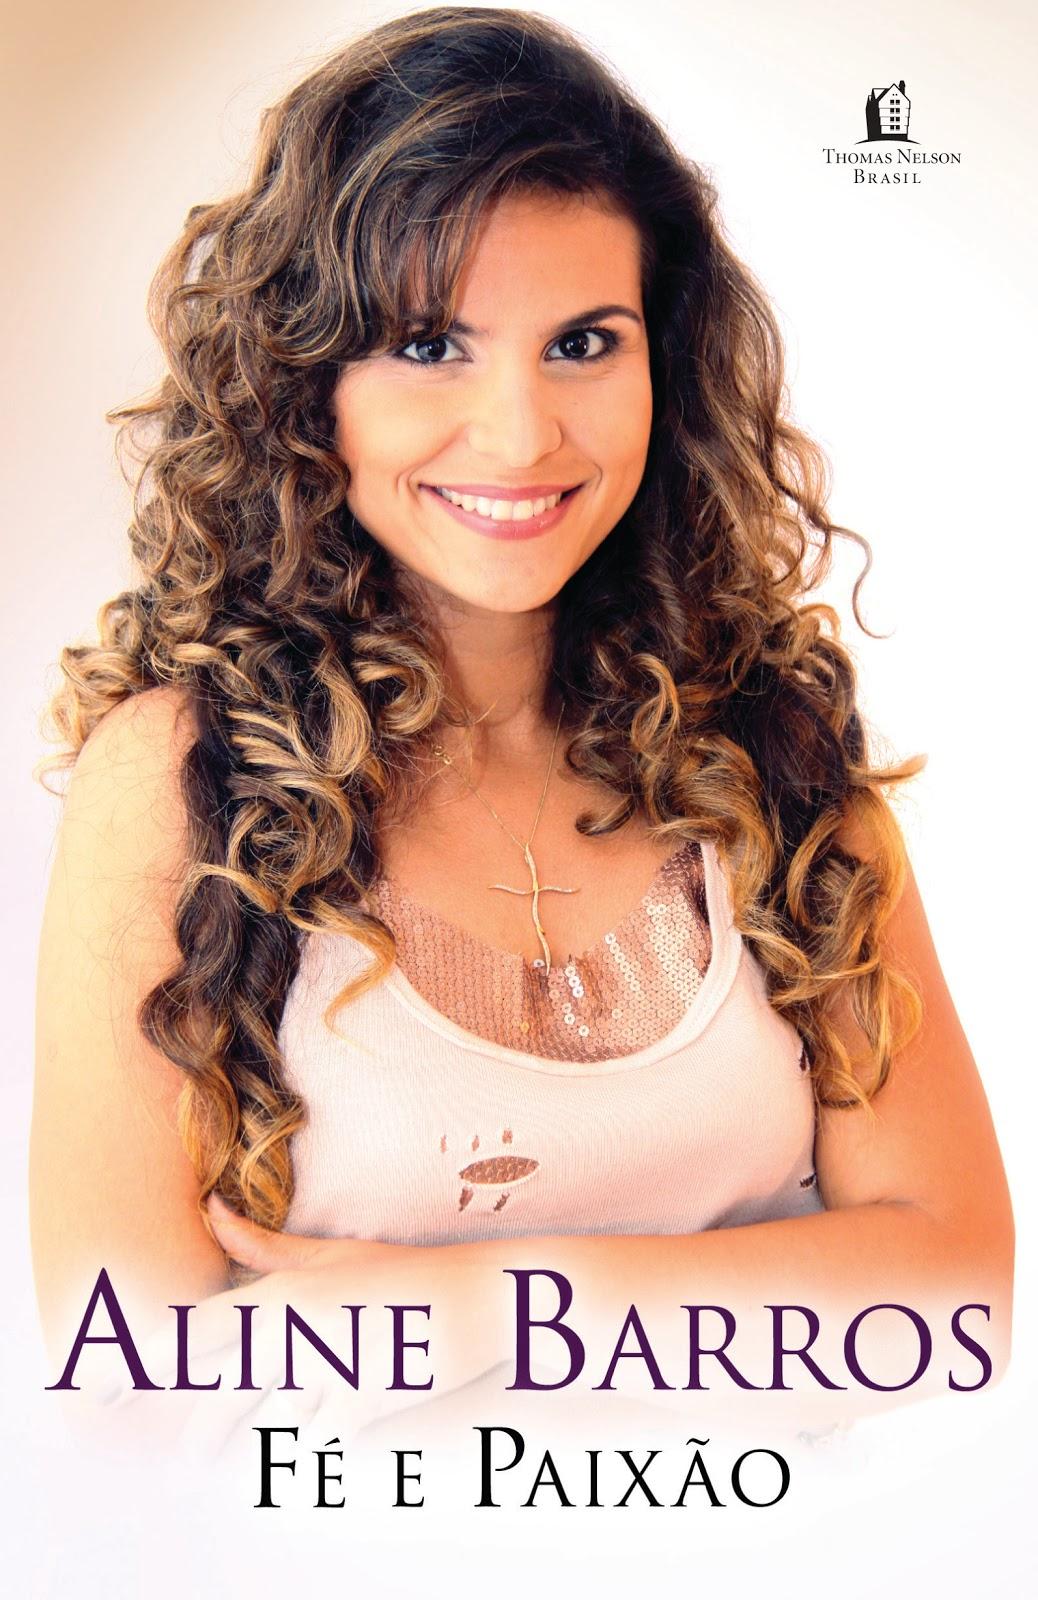 Aline Barros - Fé e Paixão 2010